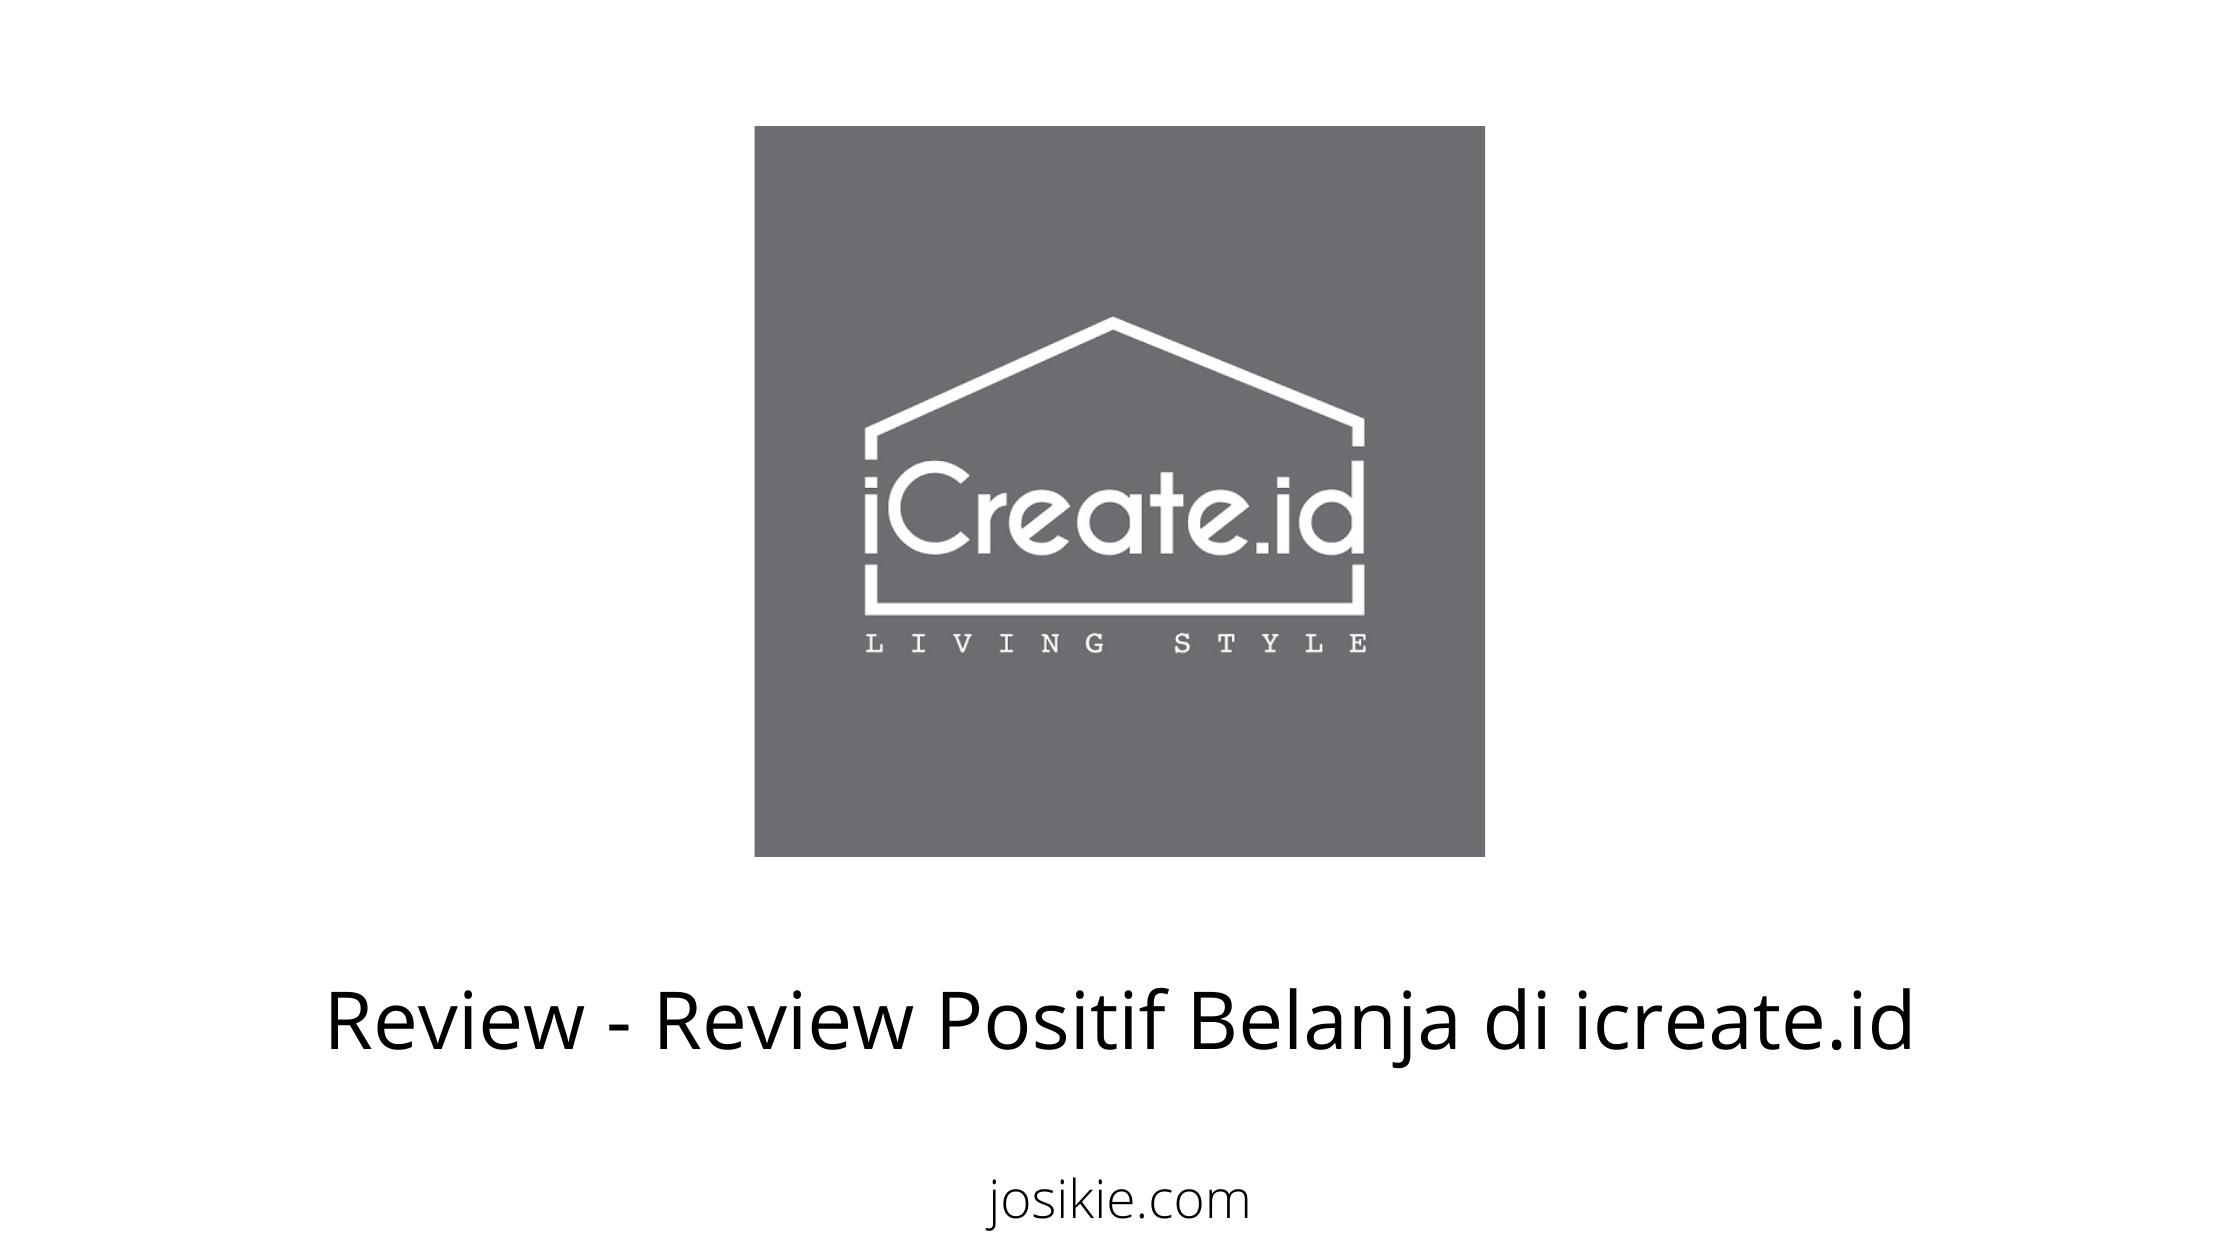 Review - Review Positif Belanja di icreate.id